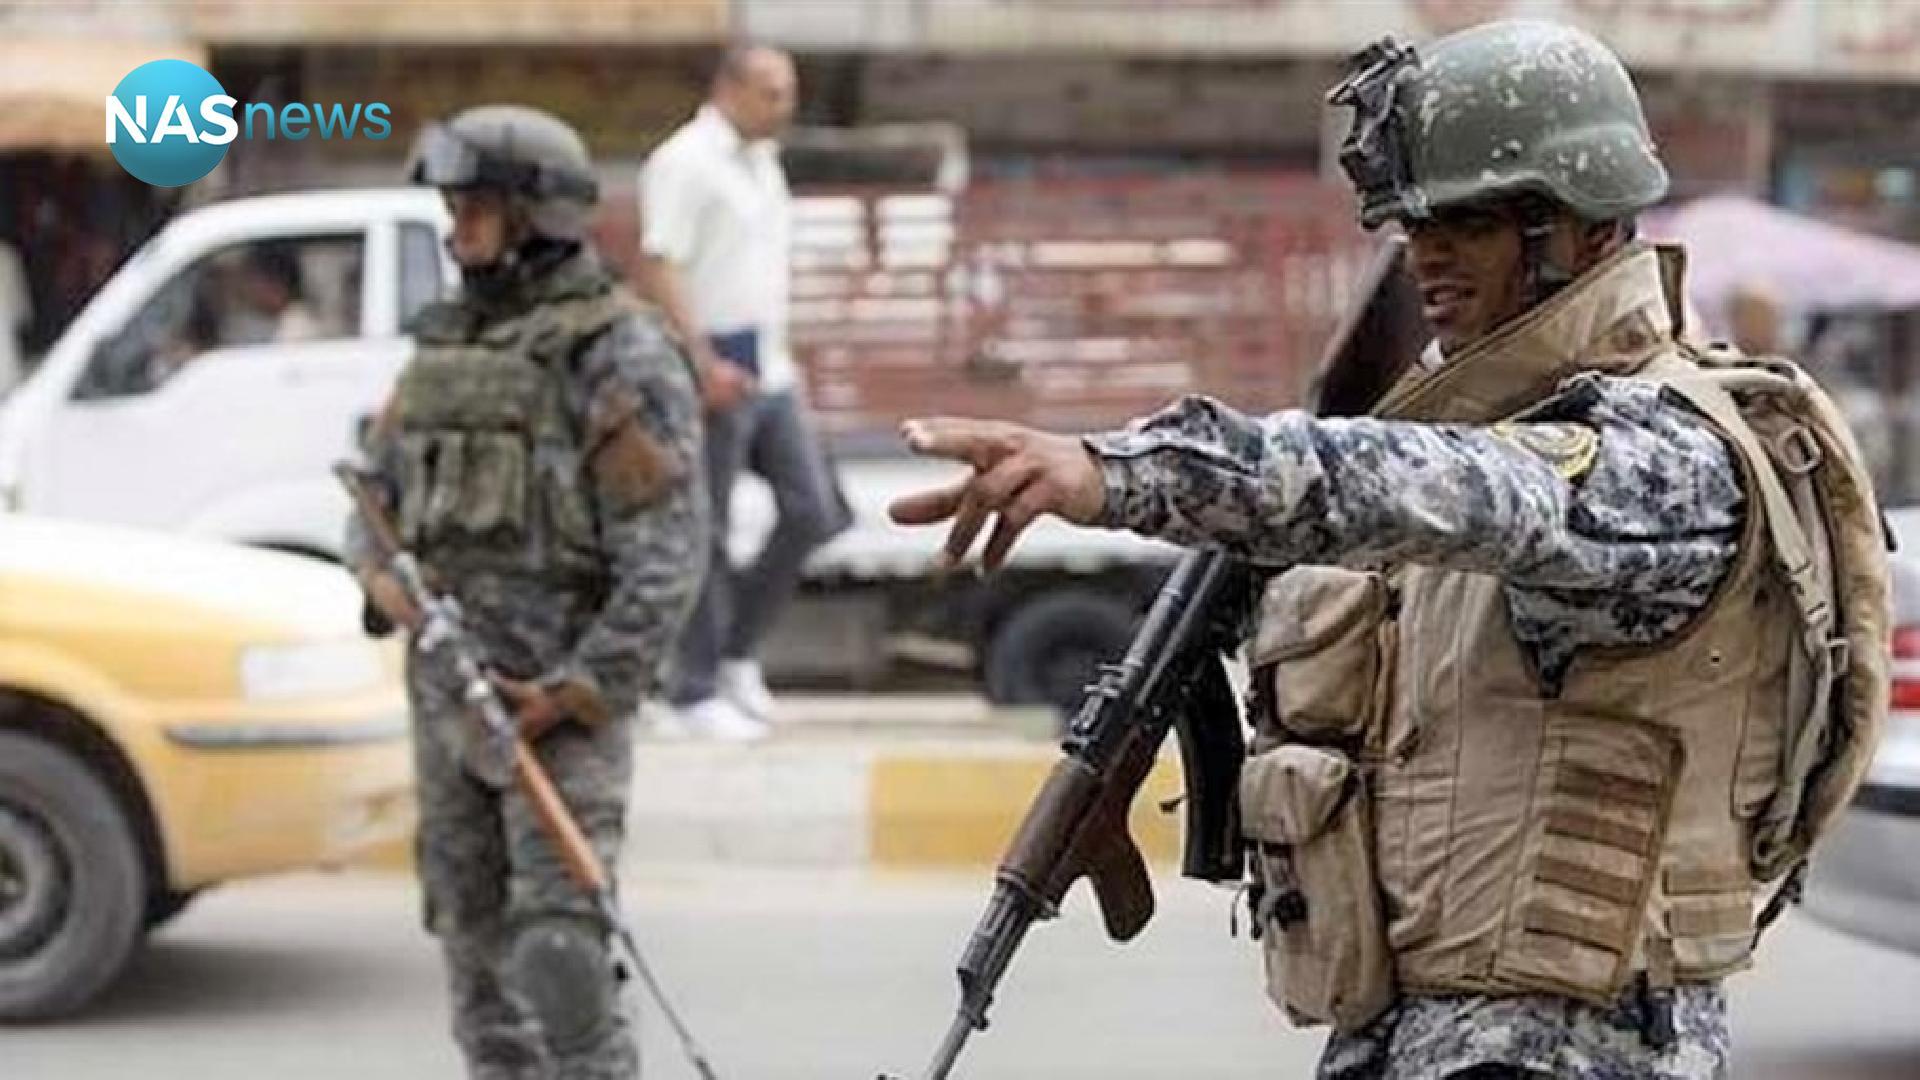 بغداد: عملية أمنية في 'باب الشيخ' وحملة اعتقالات ضمن الكاظمية وحي العامل